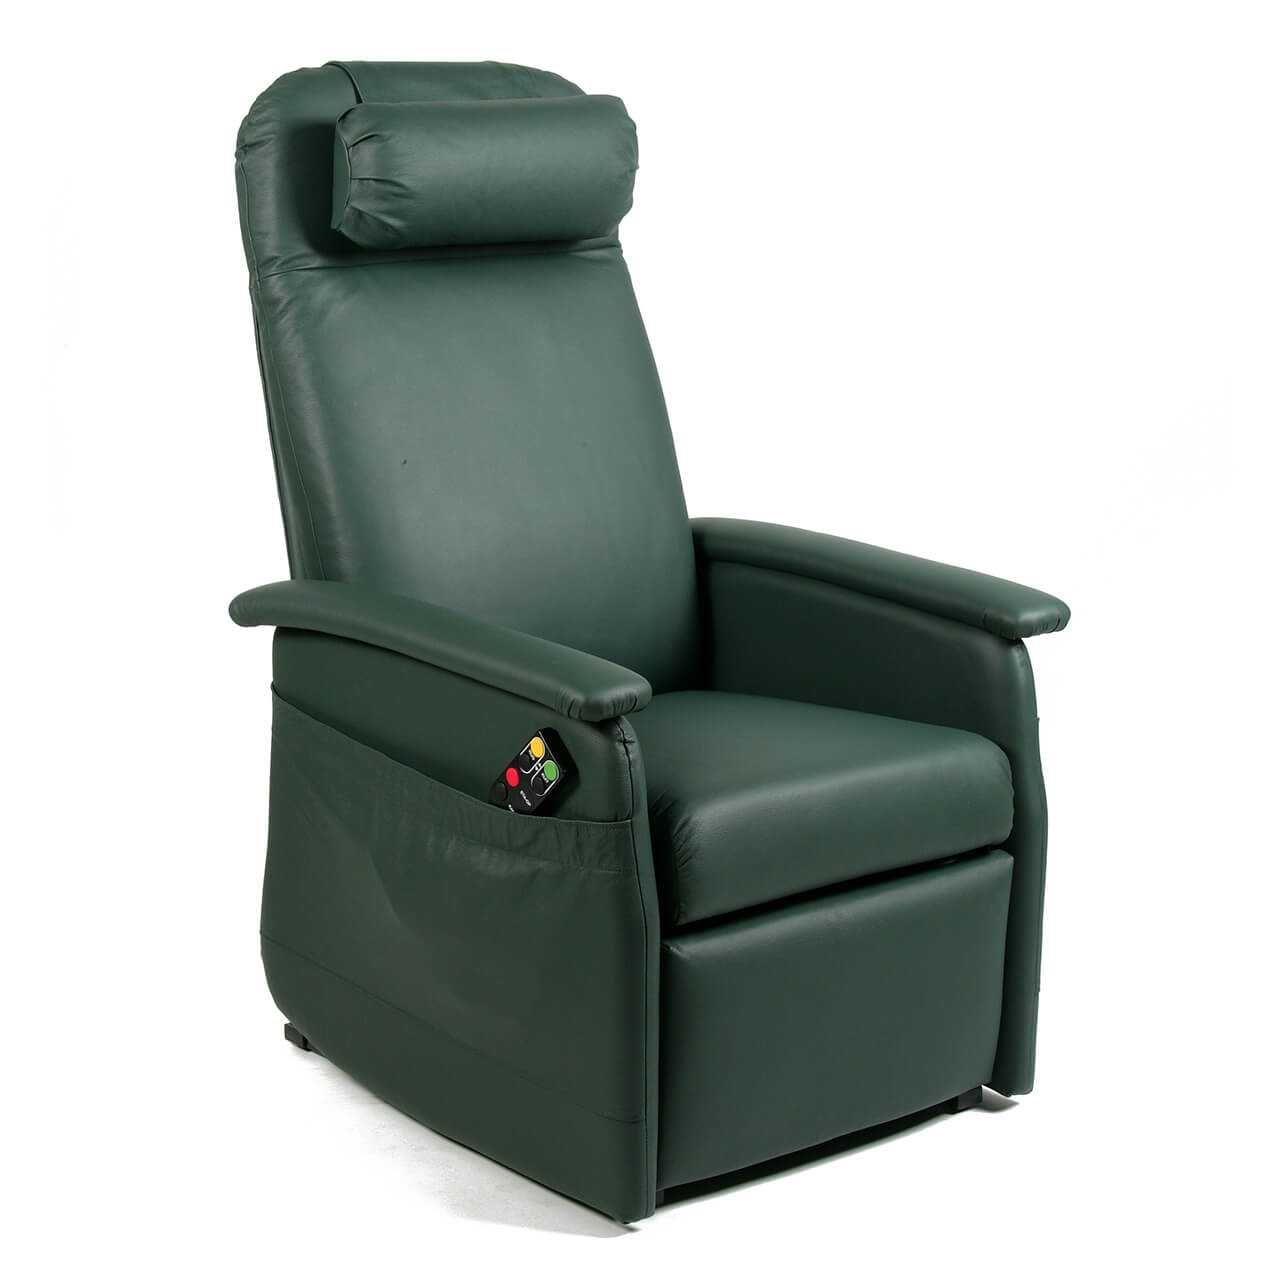 Hermes mini sta op stoel ARTNRNNB 0000s 0001 Schuin